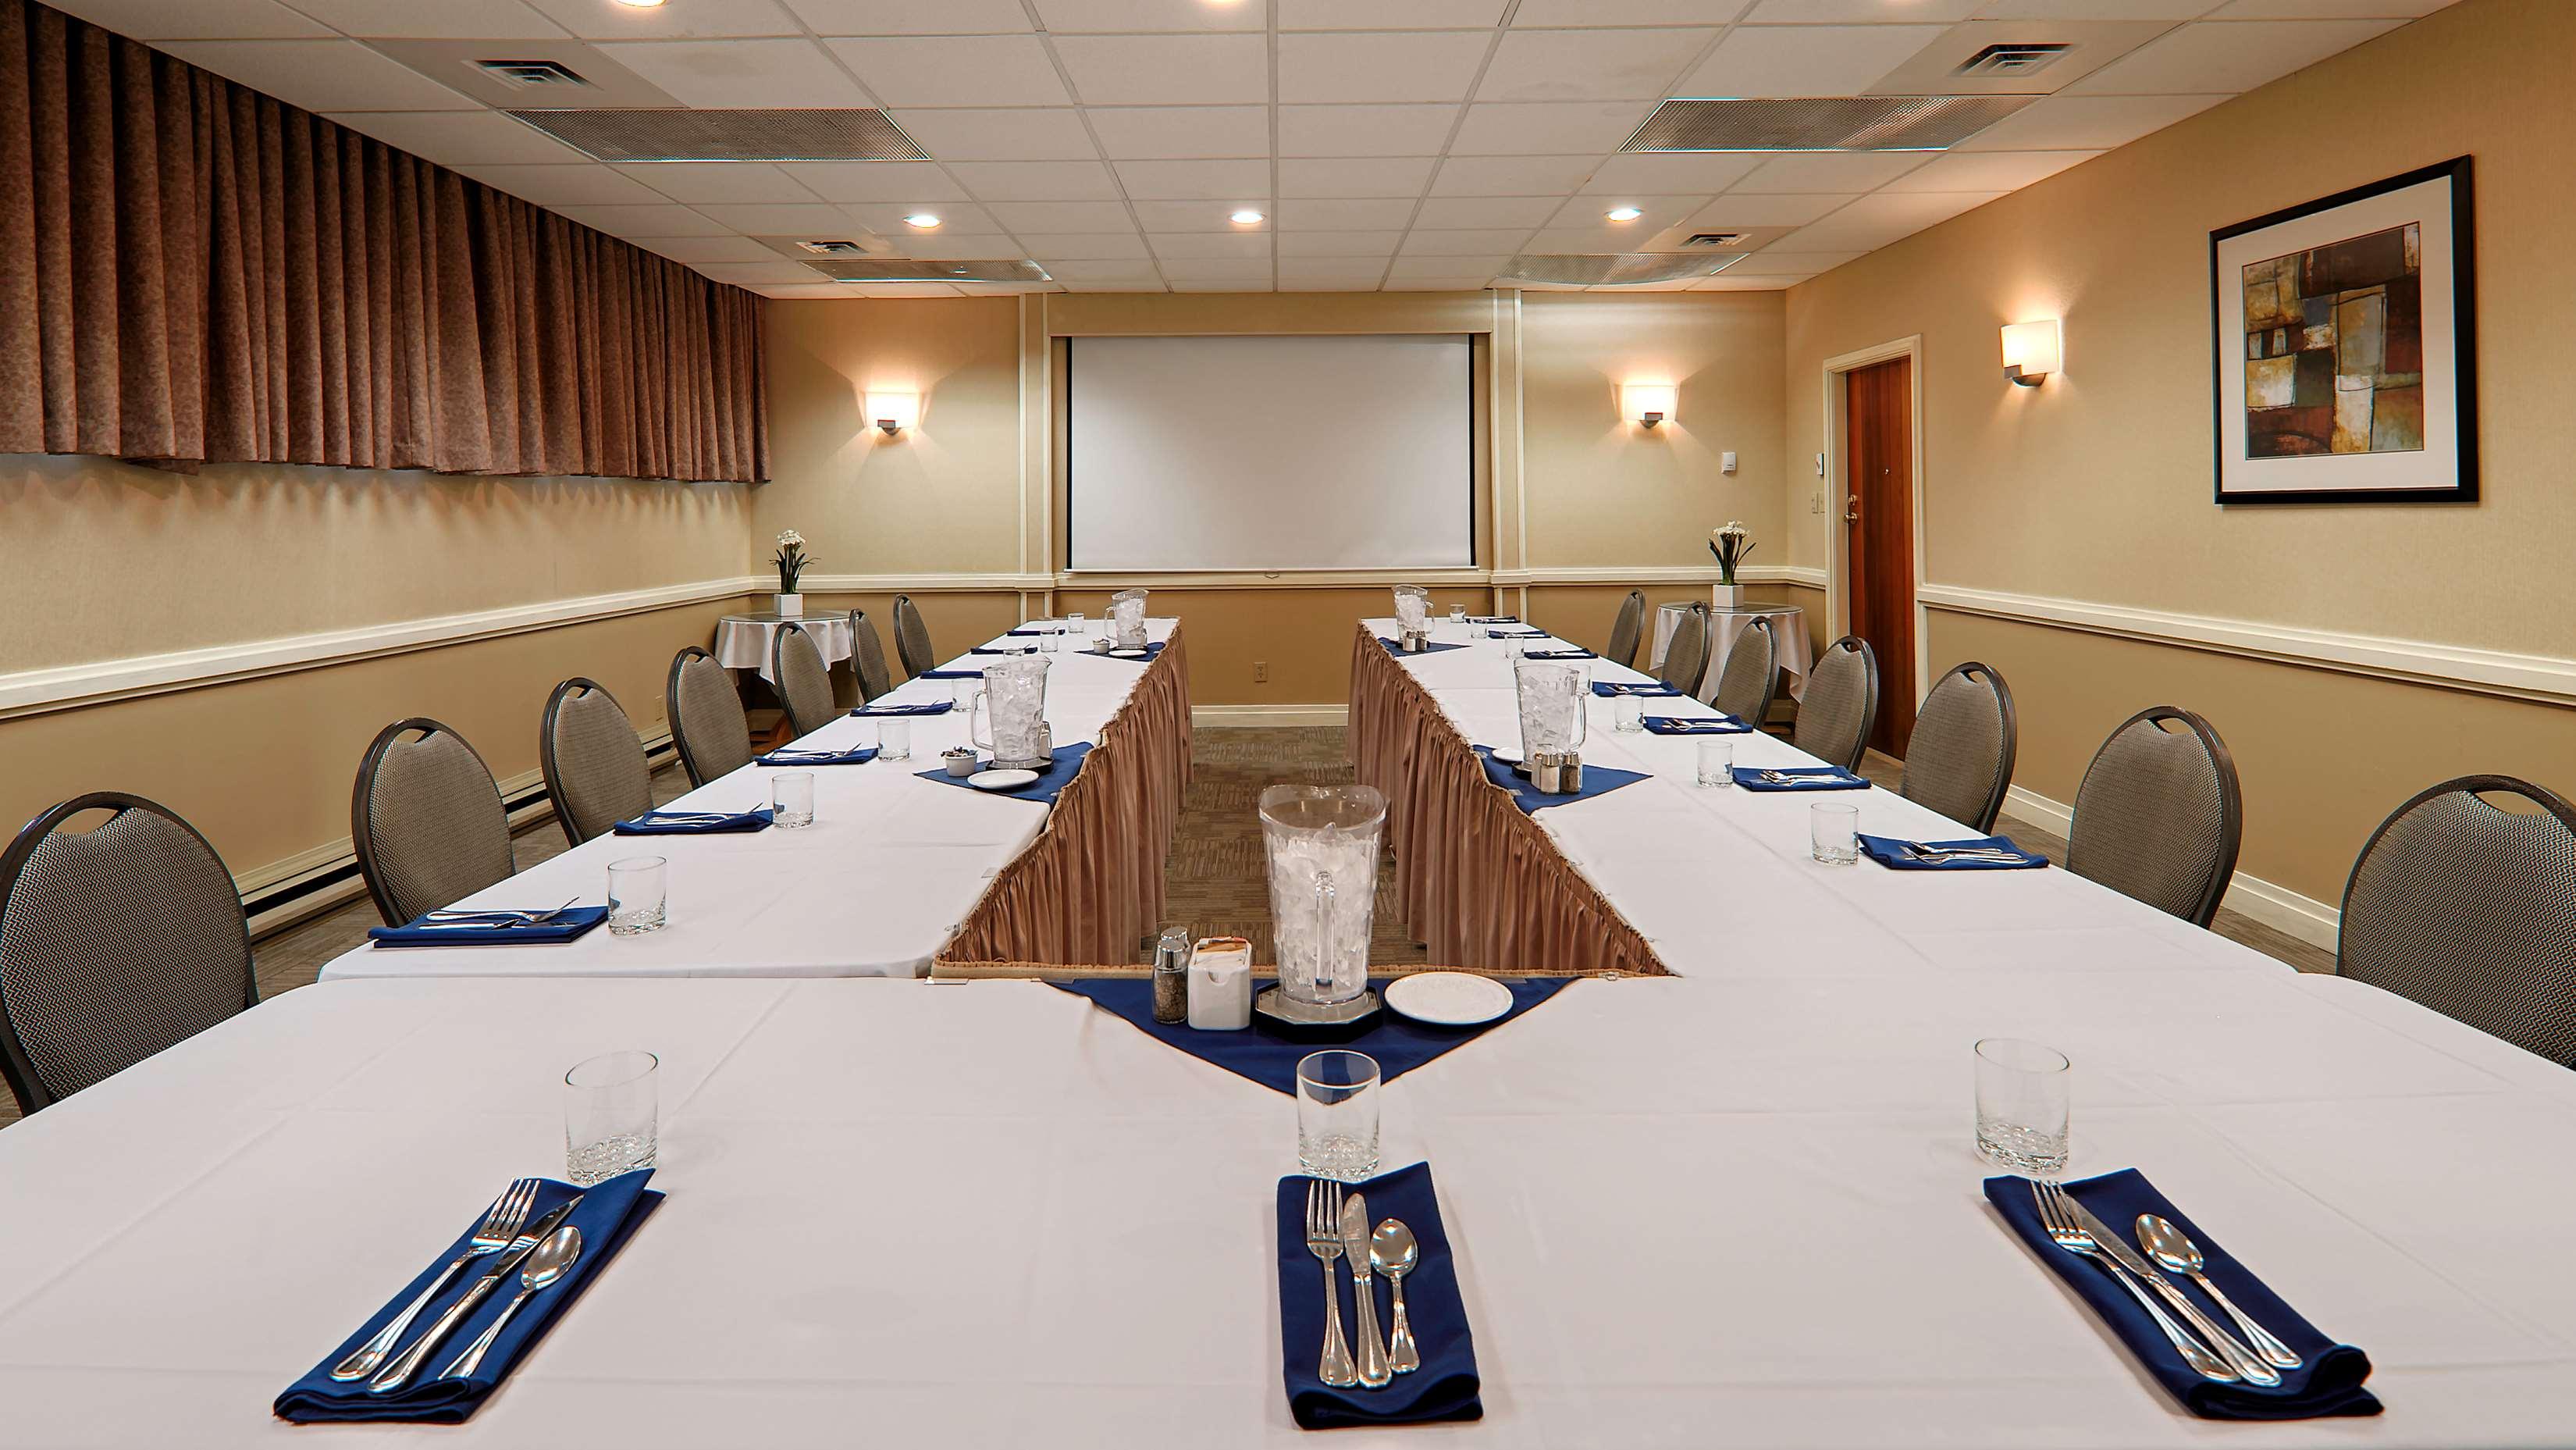 Best Western Cowichan Valley Inn in Duncan: Meeting Room